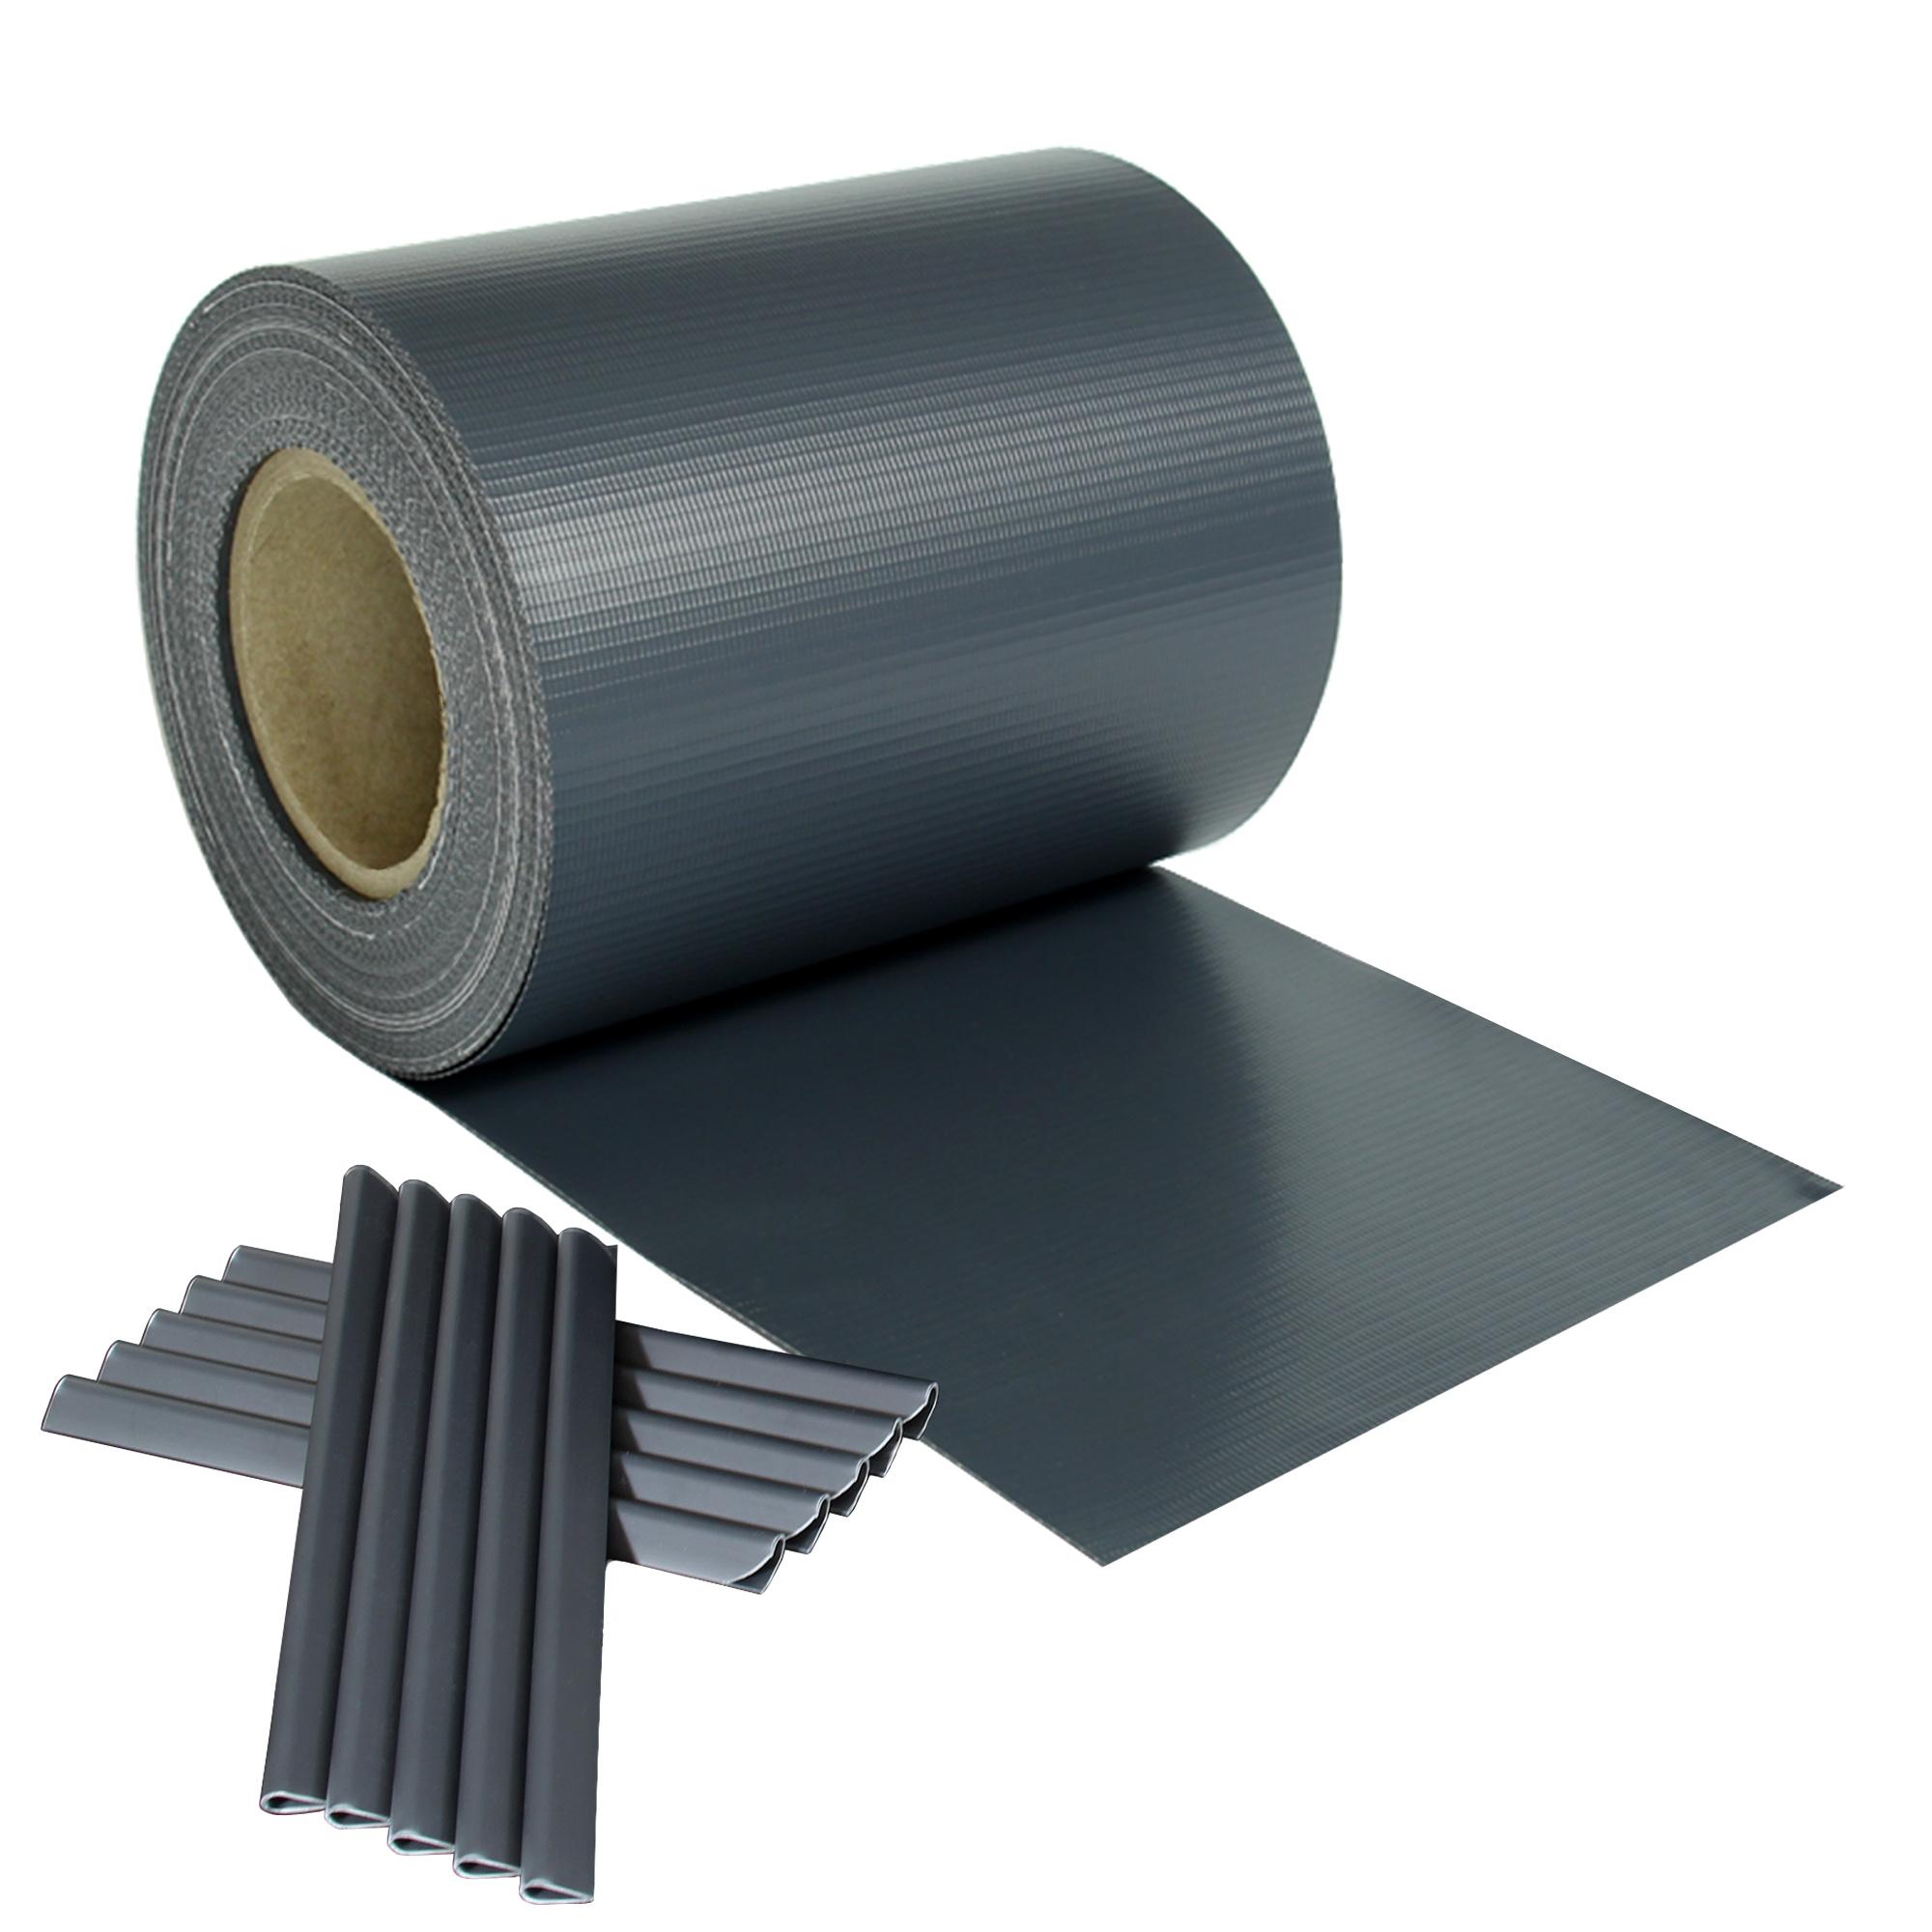 3 23 m sichtschutz streifen blickdicht pvc zaun windschutz doppelstabmatten ebay. Black Bedroom Furniture Sets. Home Design Ideas